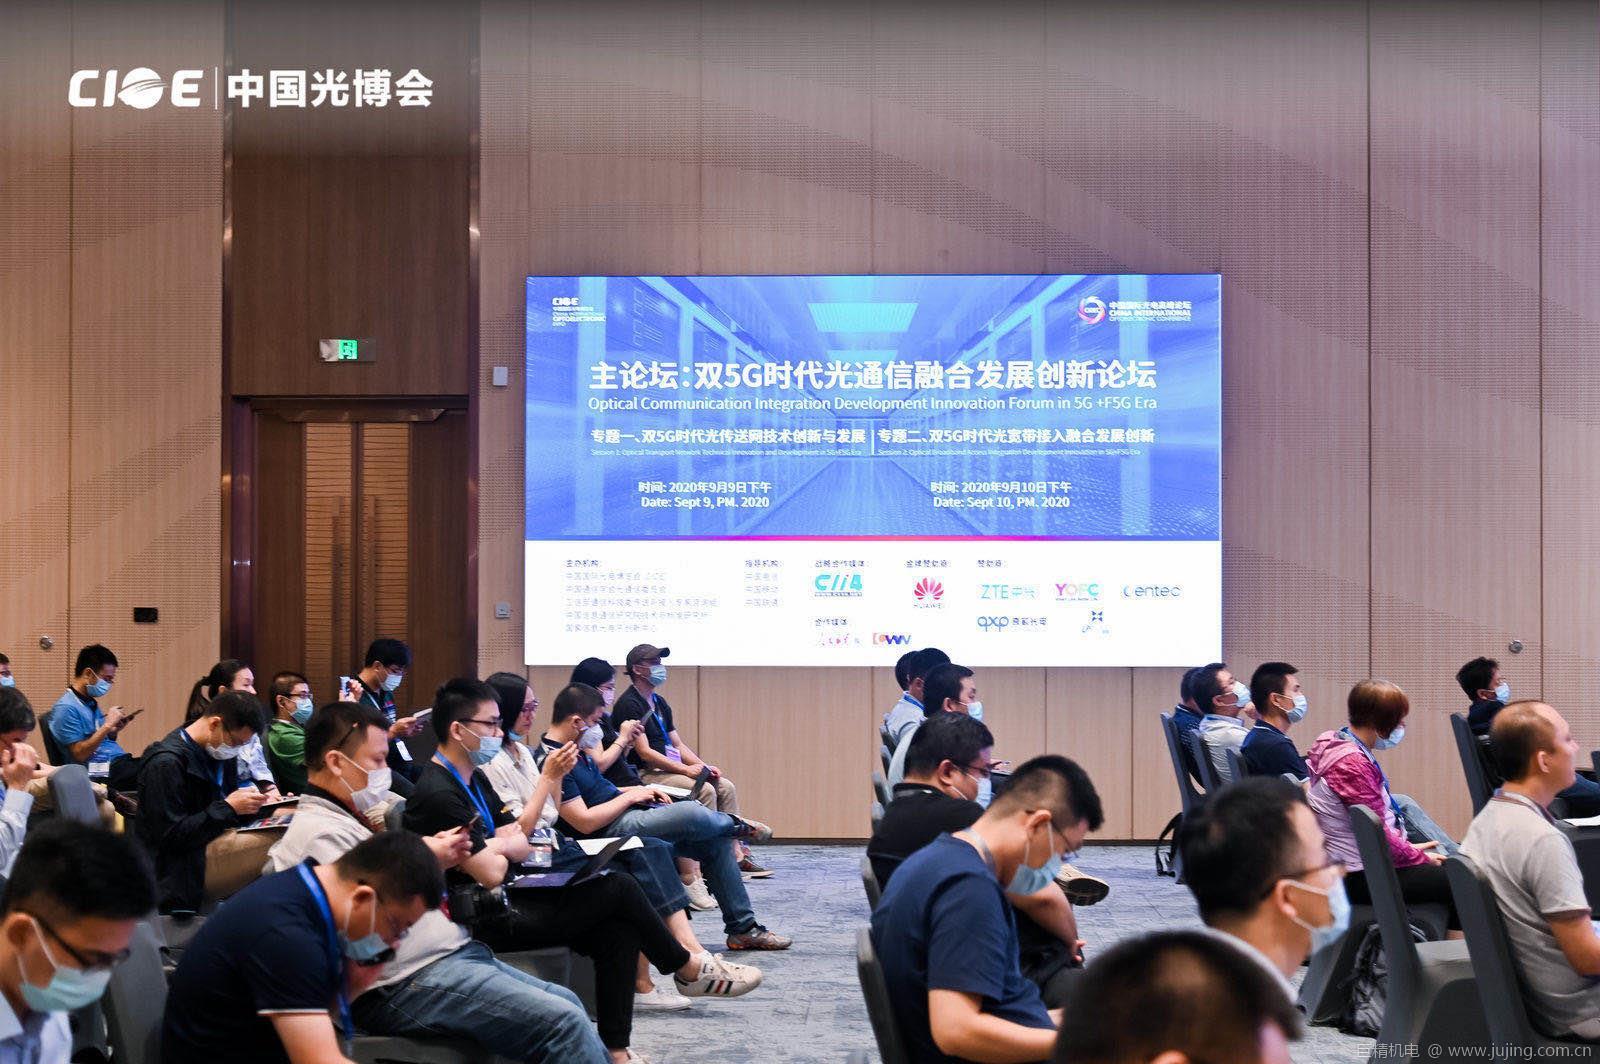 """""""双5G""""论坛成功举办:全光网助力新基建走上""""信息高速公路"""""""